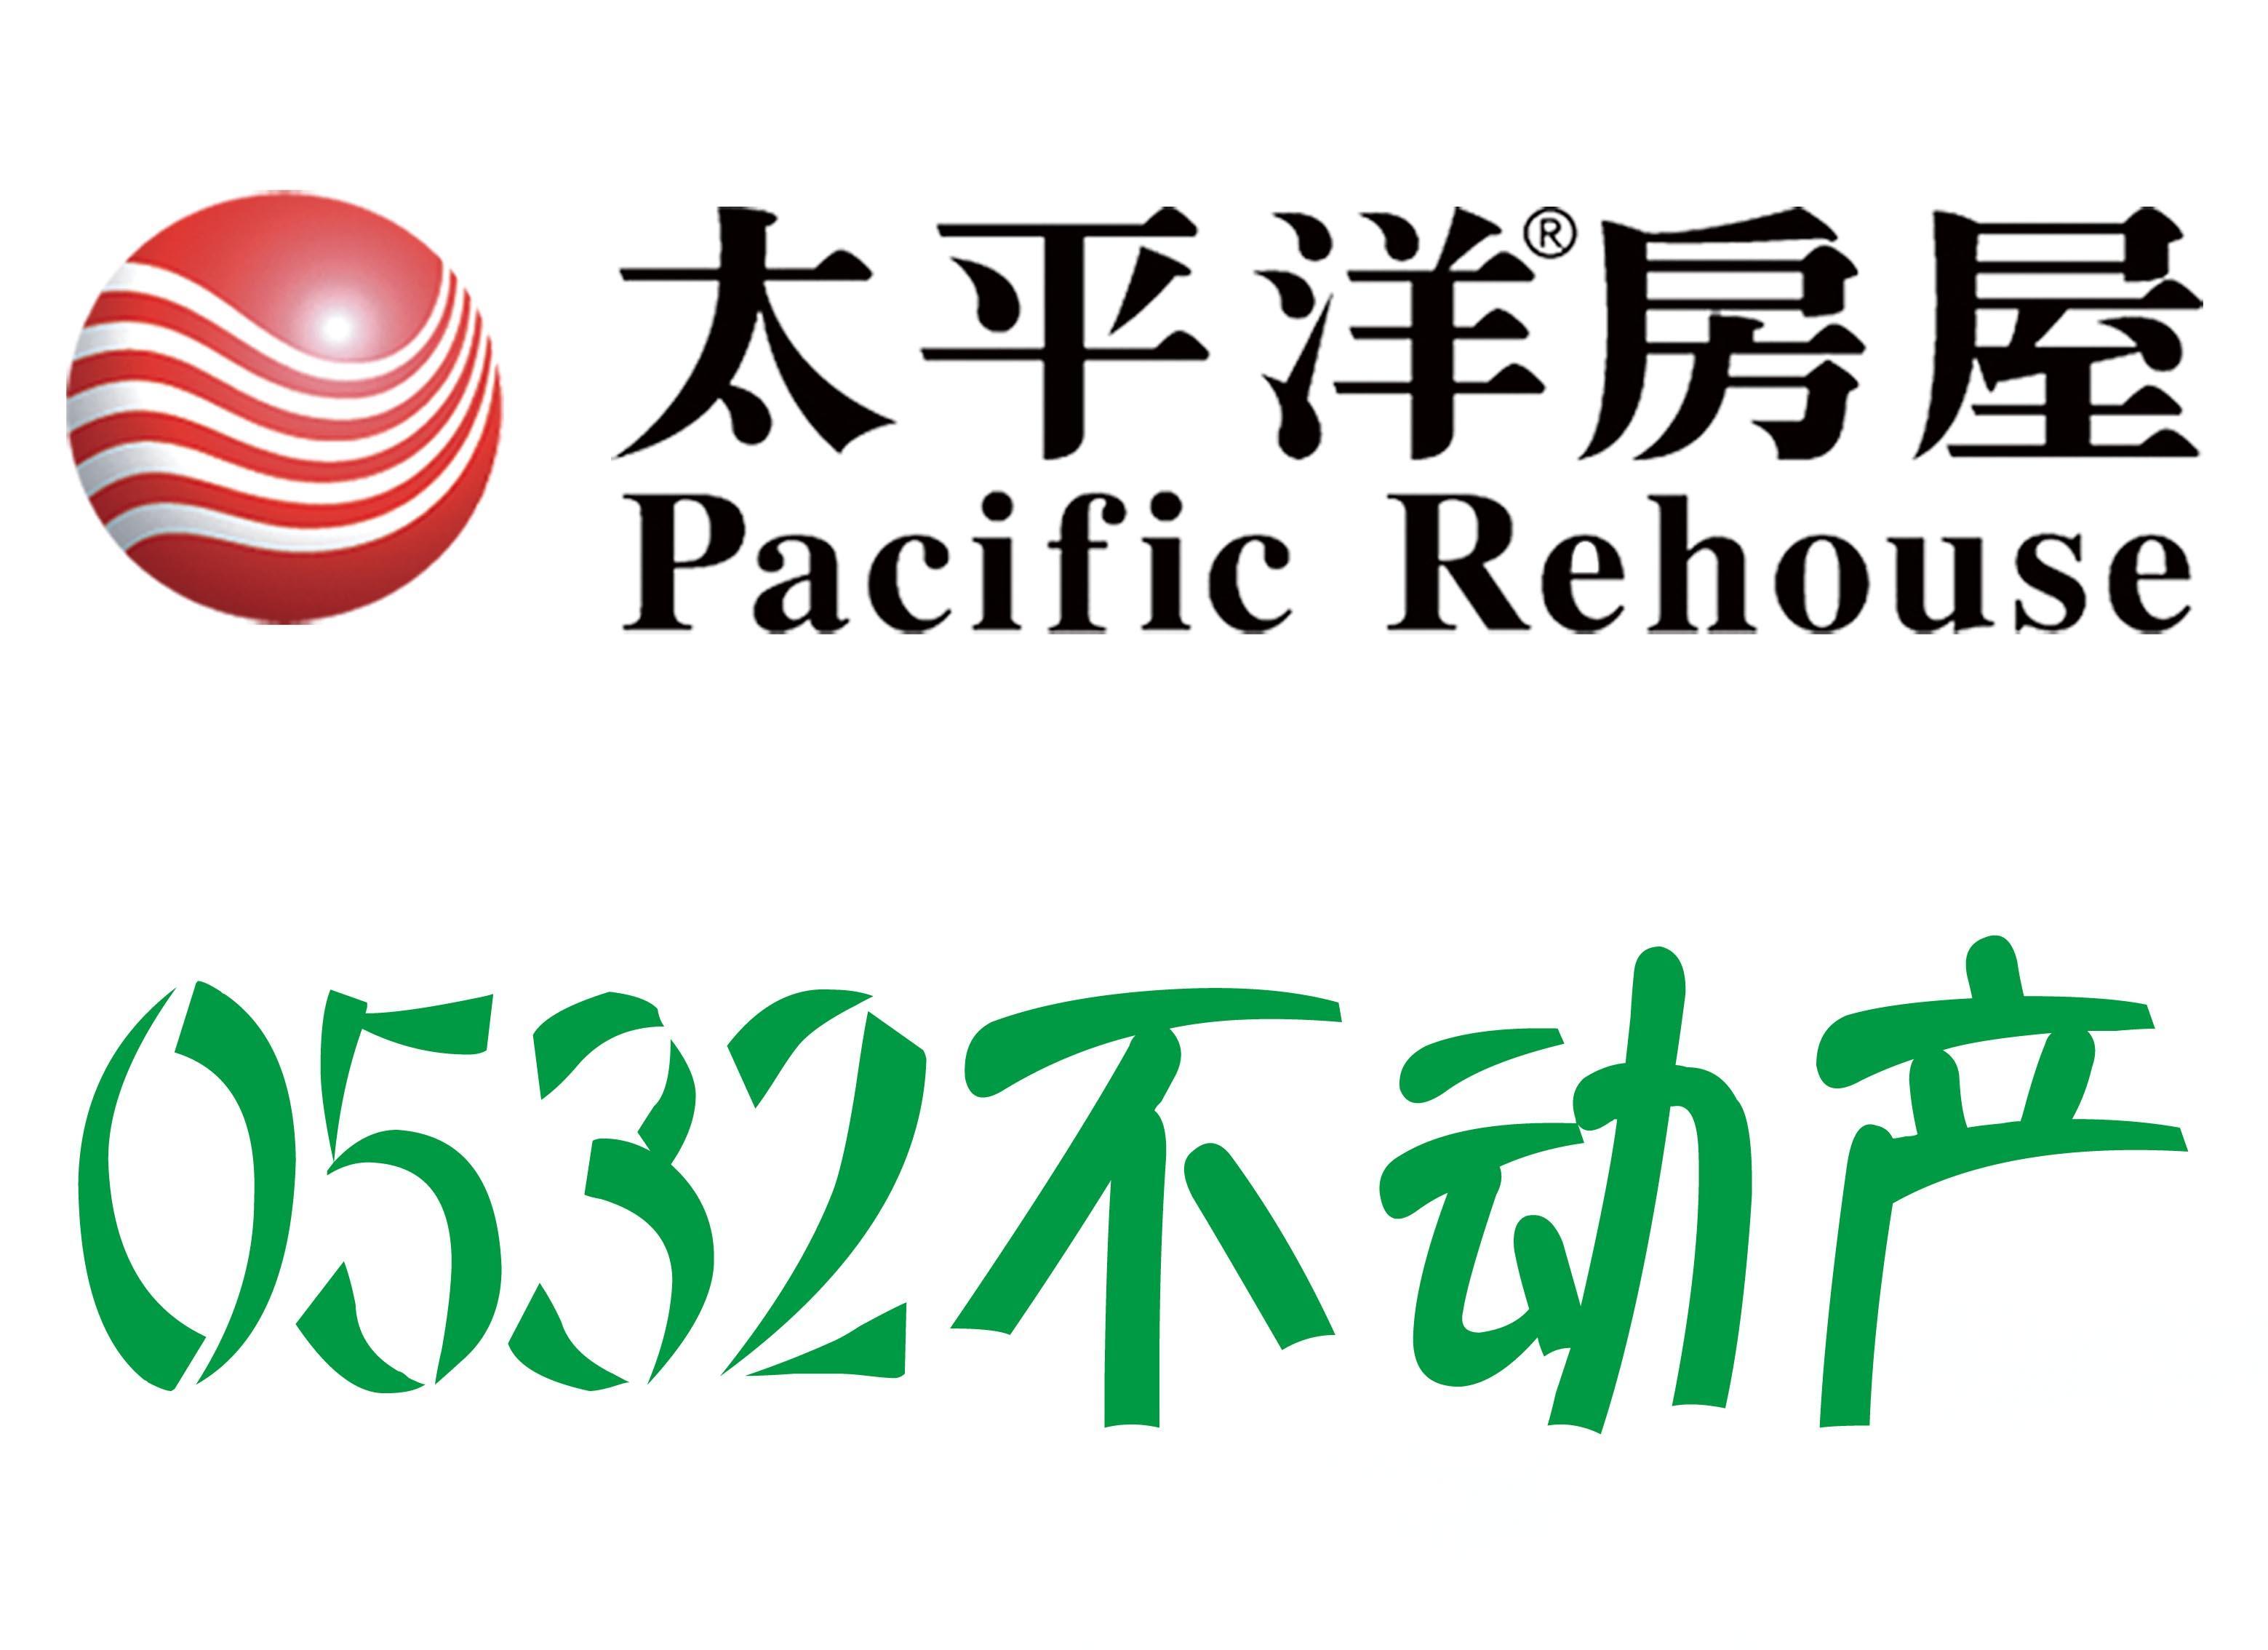 太平洋房屋—58商家店铺